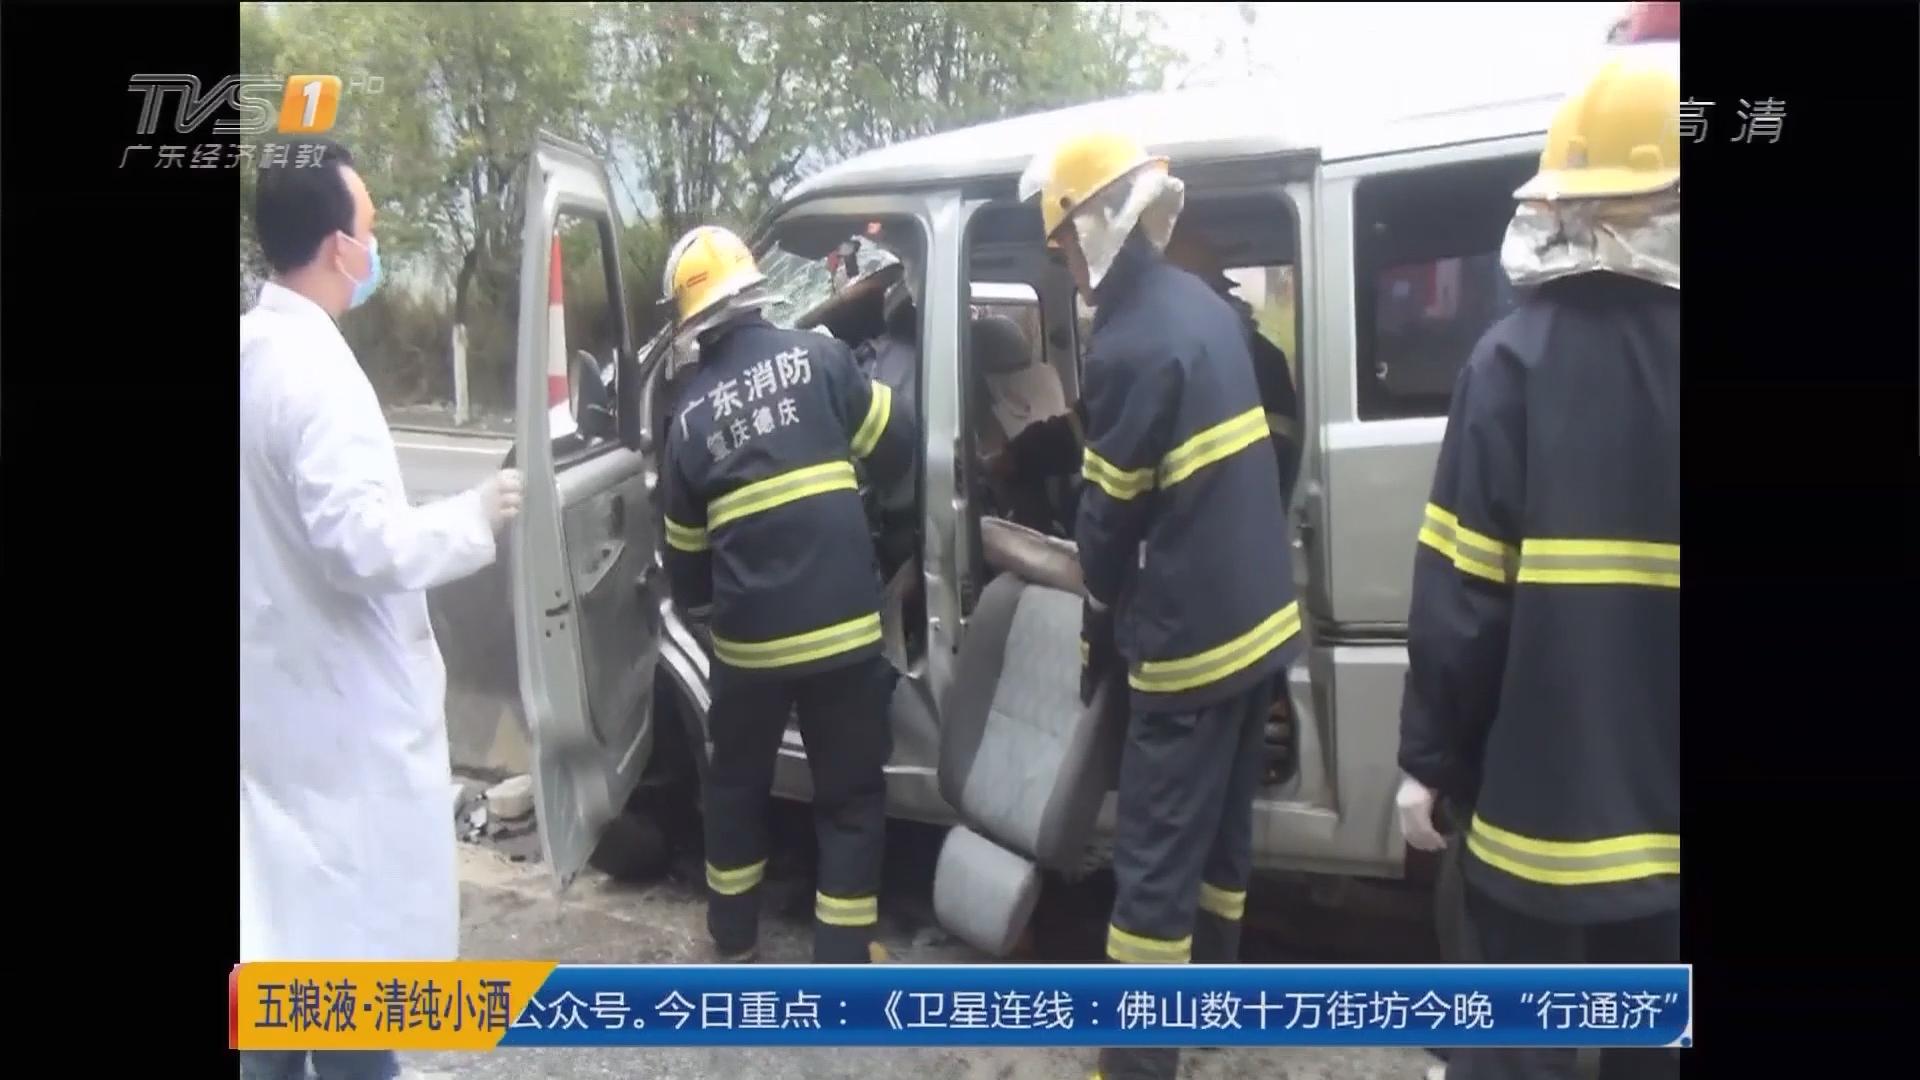 肇庆:面包车高速撞护栏 七人被困